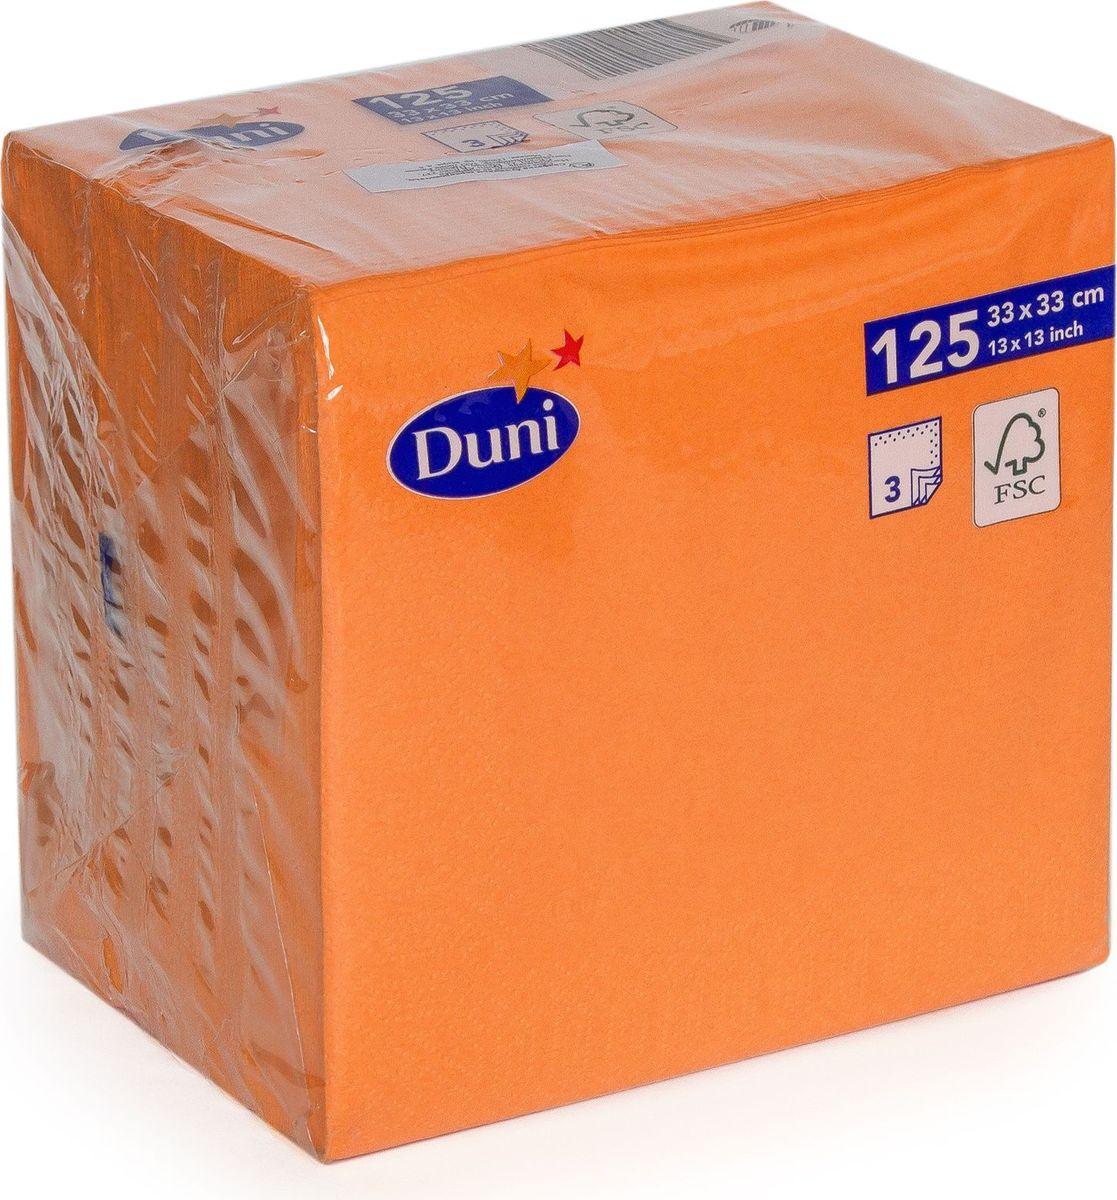 Салфетки бумажные Duni, 3-слойные, цвет: красный, 33 х 33 см. 149111149111Трехслойные бумажные салфетки изготовлены из экологически чистого, высококачественного сырья - 100% целлюлозы. Салфетки выполнены в оригинальном и современном стиле, прекрасно сочетаются с любым интерьером и всегда будут прекрасным и незаменимым украшением стола.